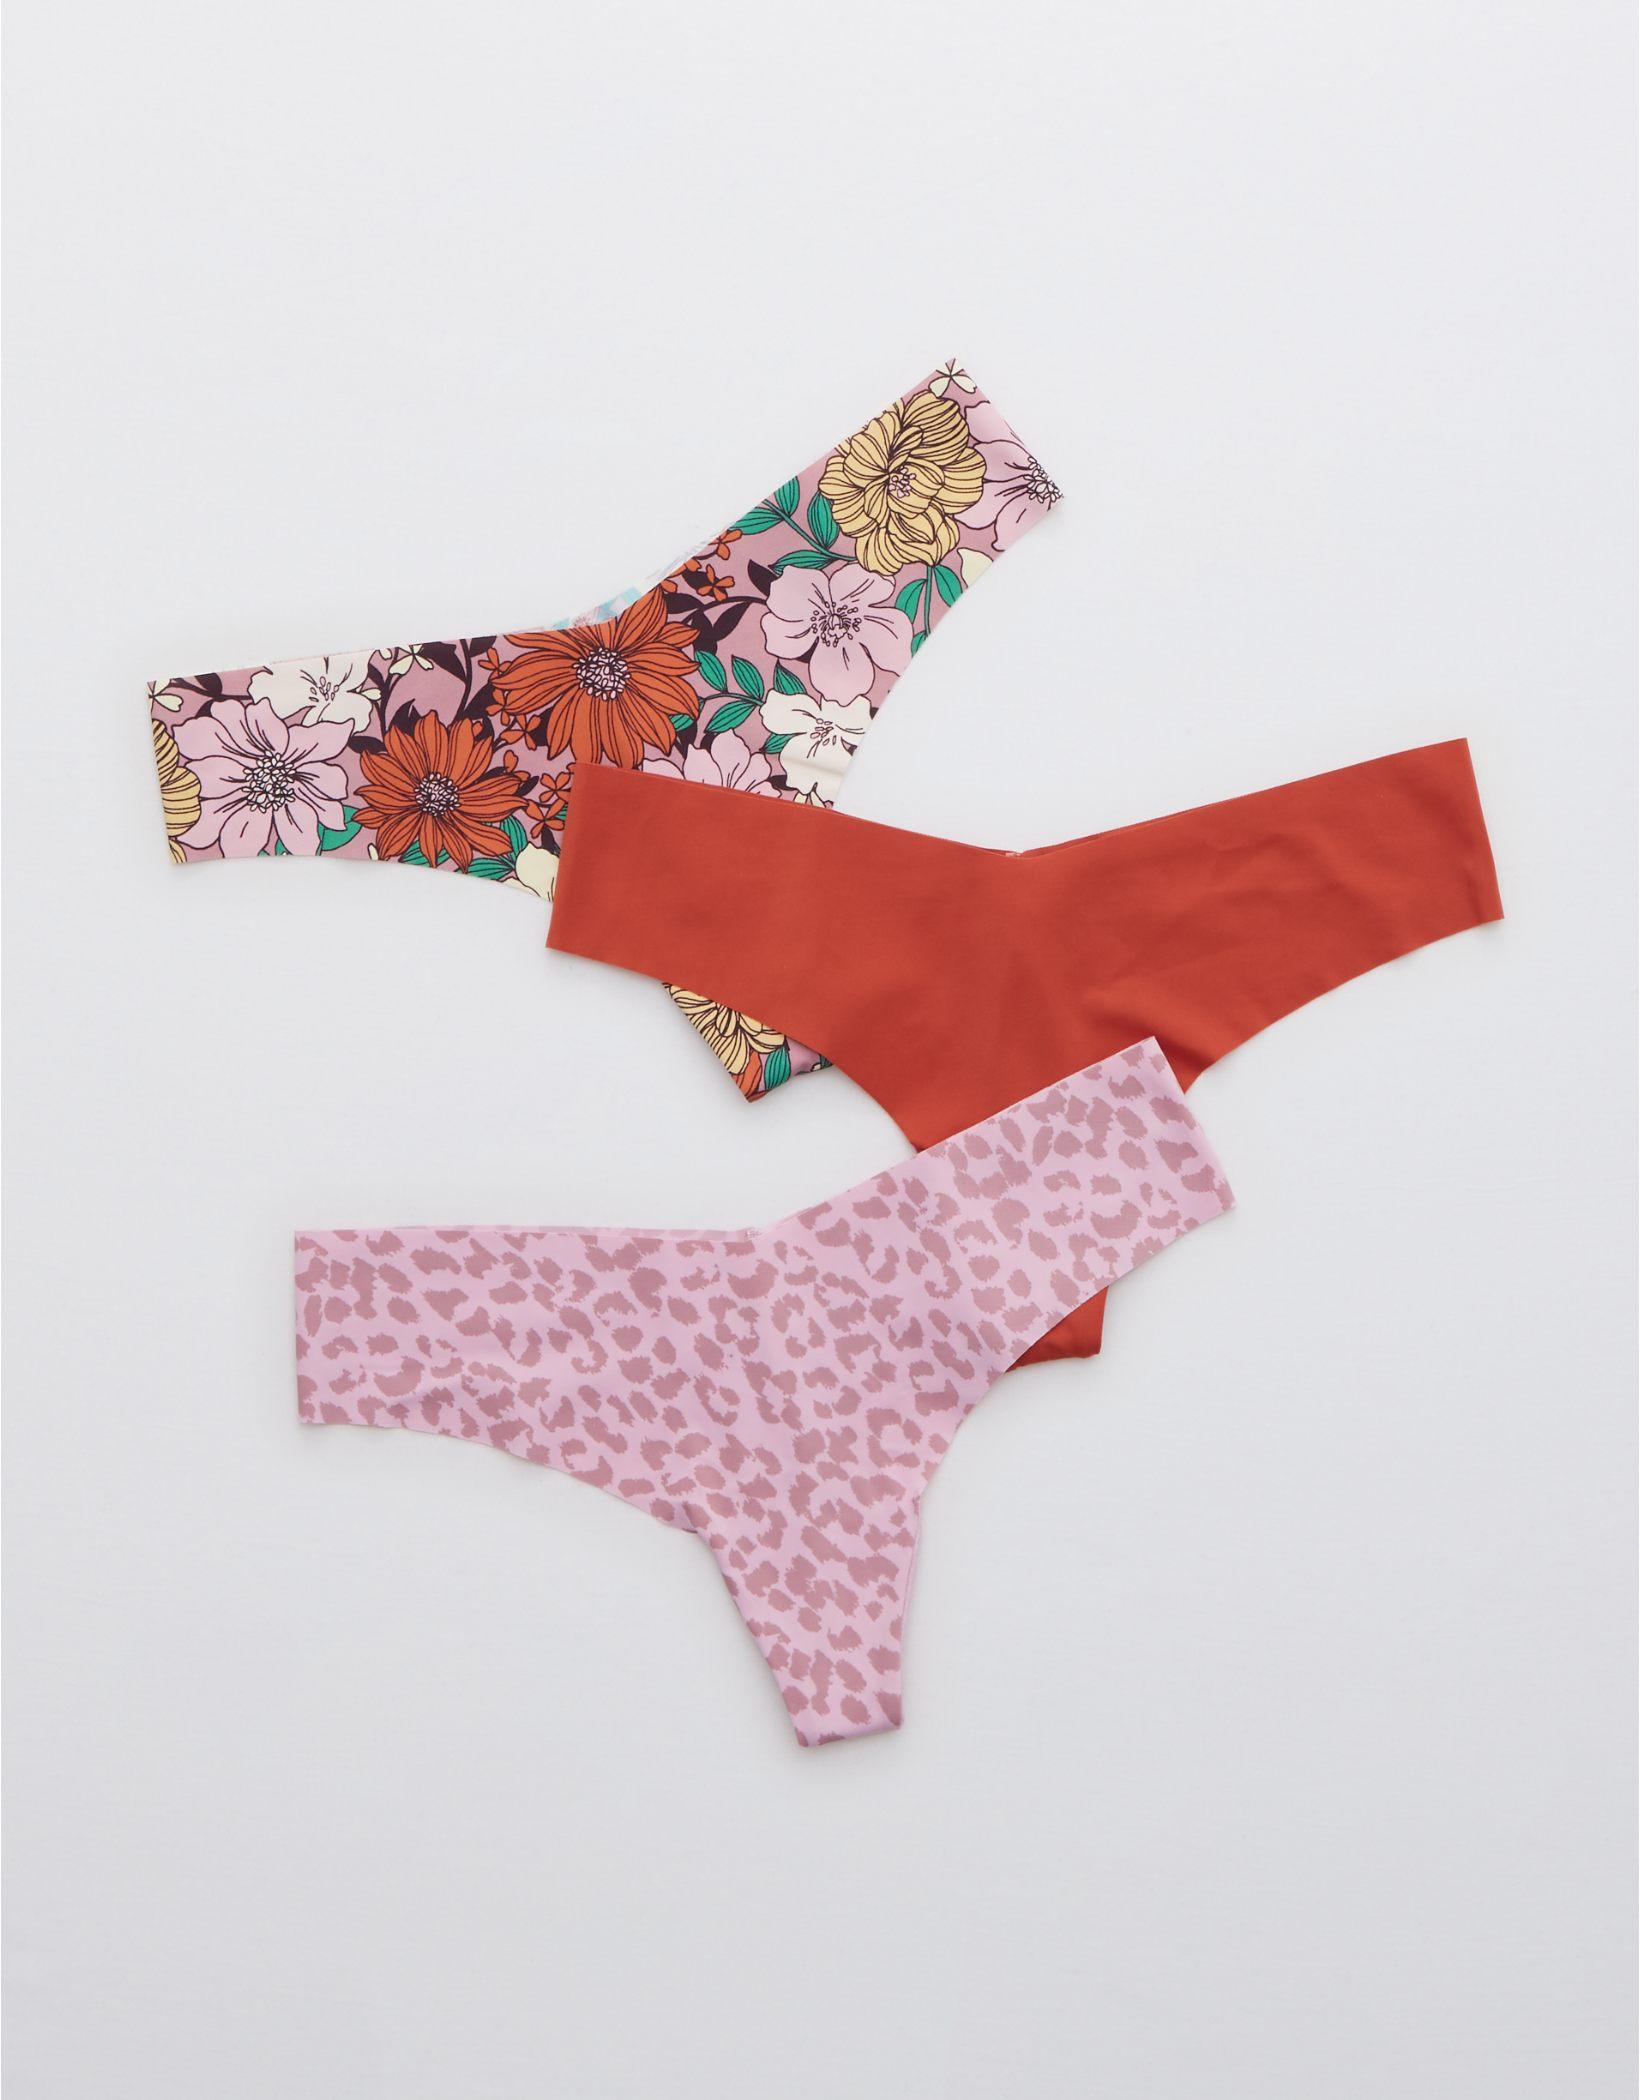 Aerie No Show Thong Underwear 3-Pack